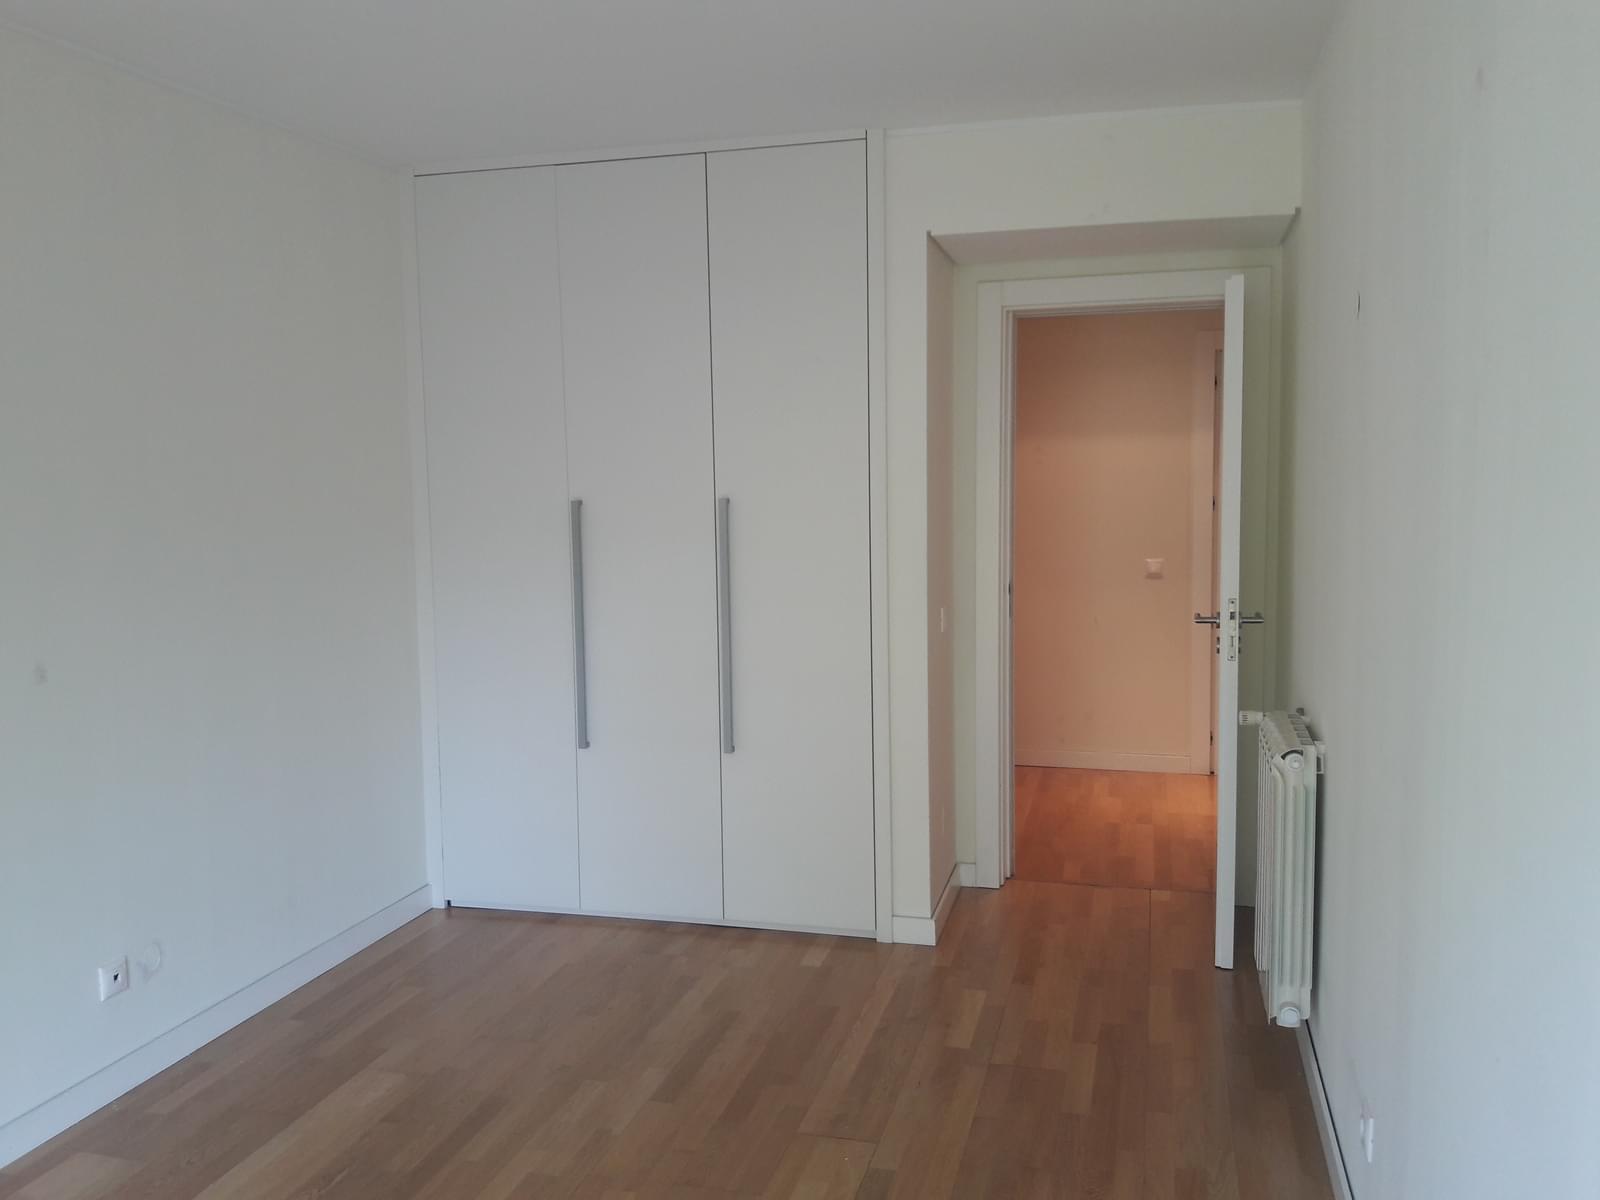 pf18143-apartamento-t3-cascais-7167f621-c9e4-4889-ae3d-63752652f453